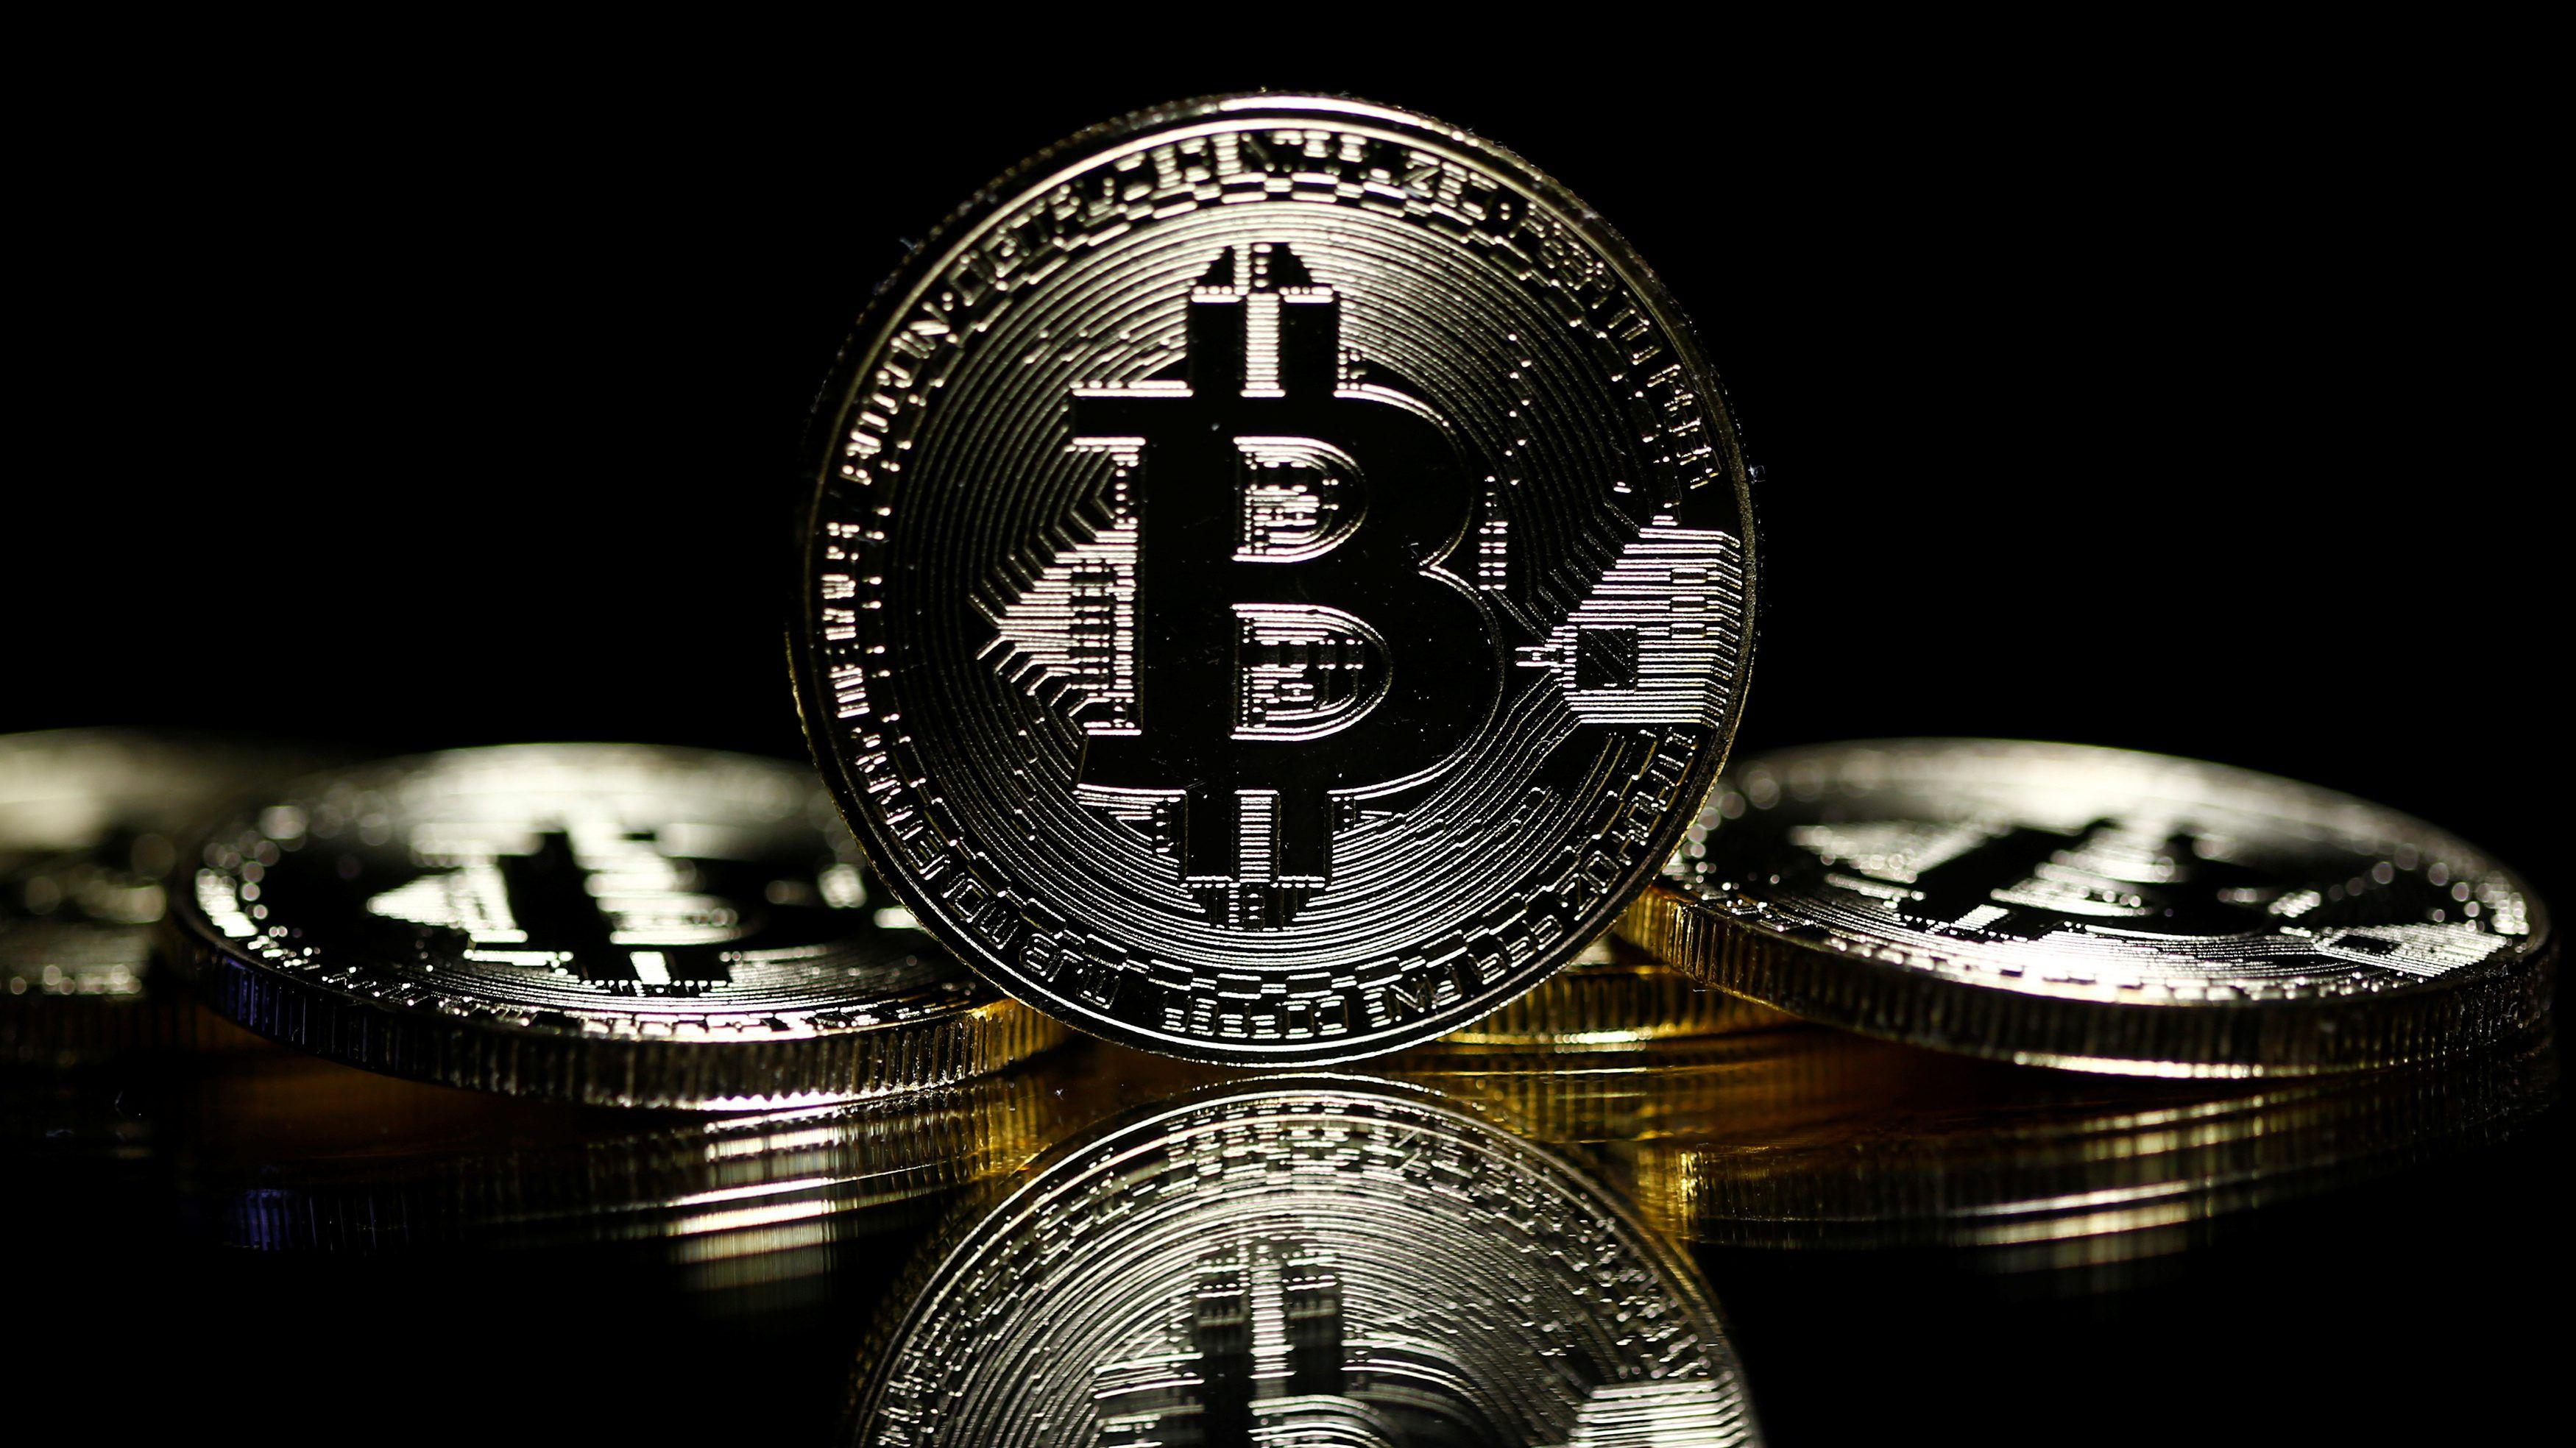 Kripto korku: ABD, Bitcoin'e karşı G20'yi harekete geçirecek